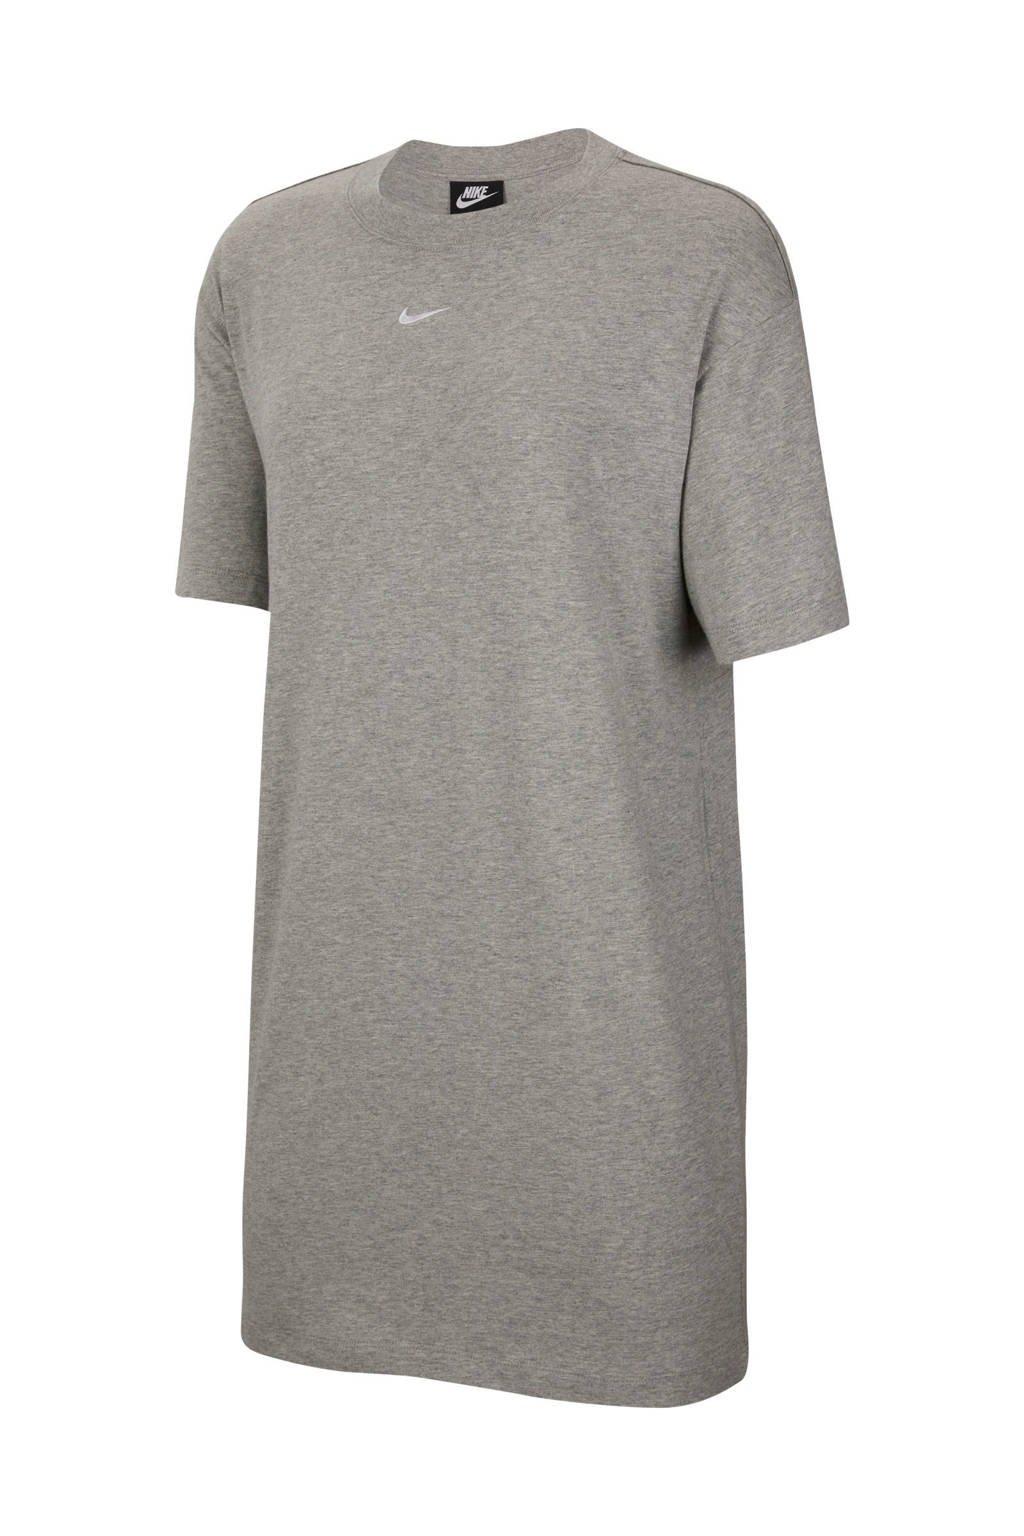 Nike T-shirt jurk grijs, Grijs